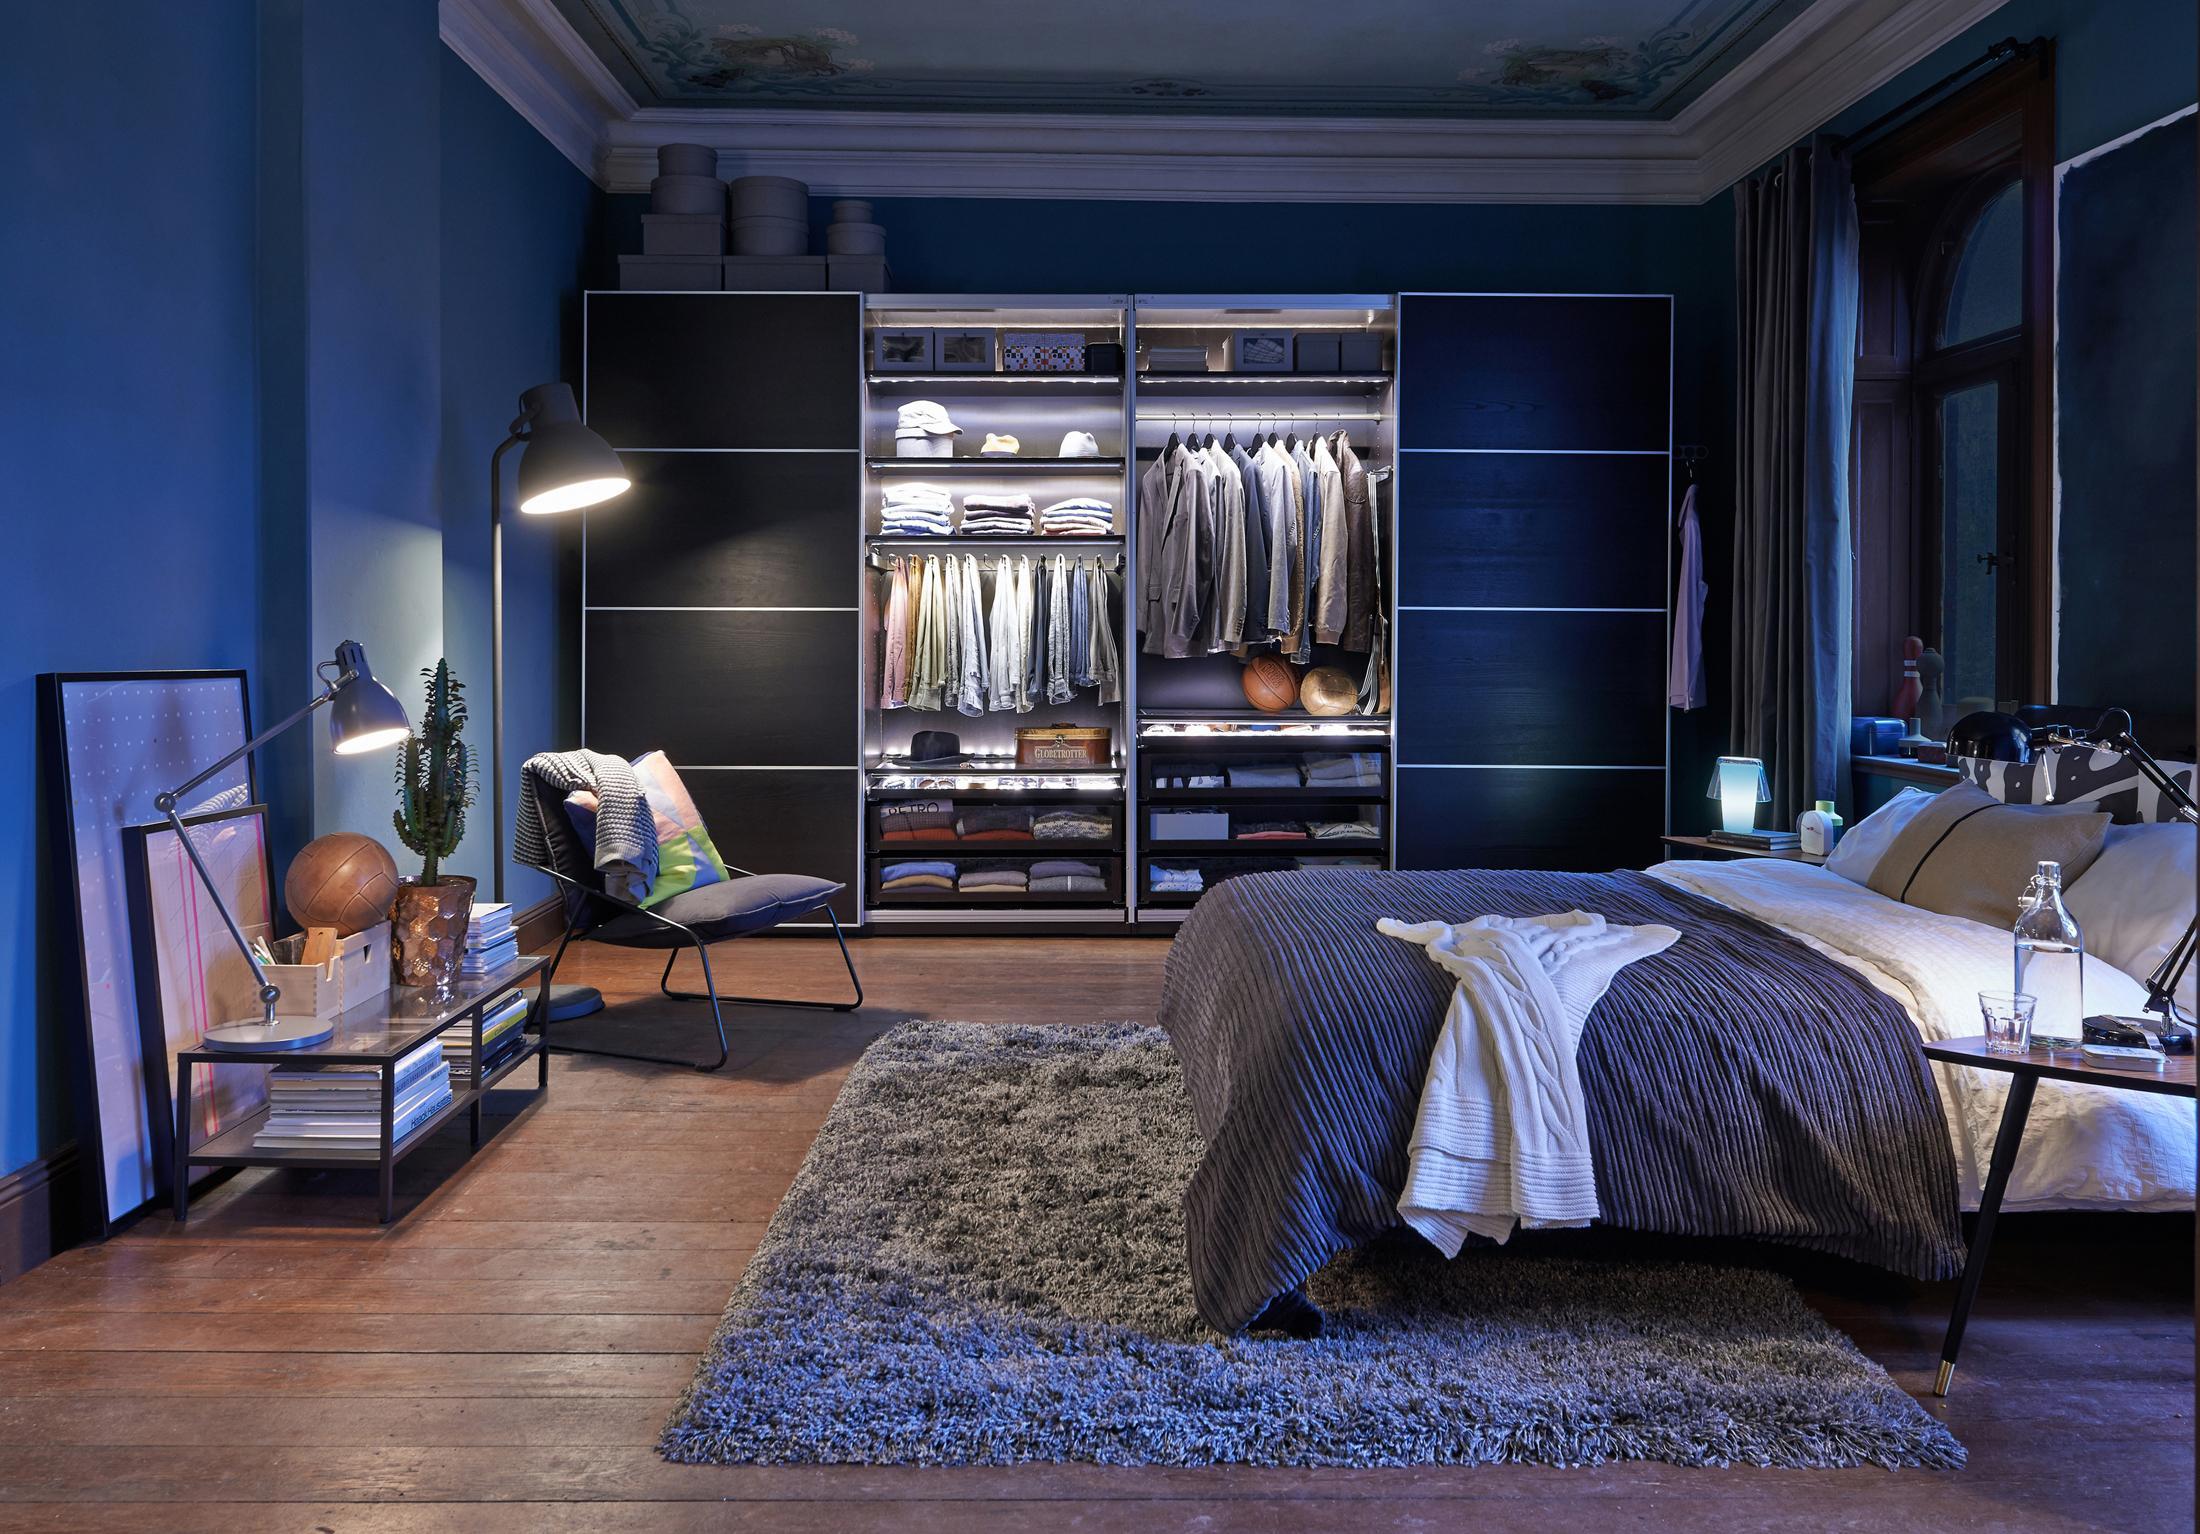 Full Size of Schlafzimmer In Blau Beistelltisch Bett Teppich Kronleuchter Kommode Stuhl Lampe Fototapete Für Küche Schimmel Im Komplette Bad Landhausstil Weiß Schlafzimmer Schlafzimmer Teppich